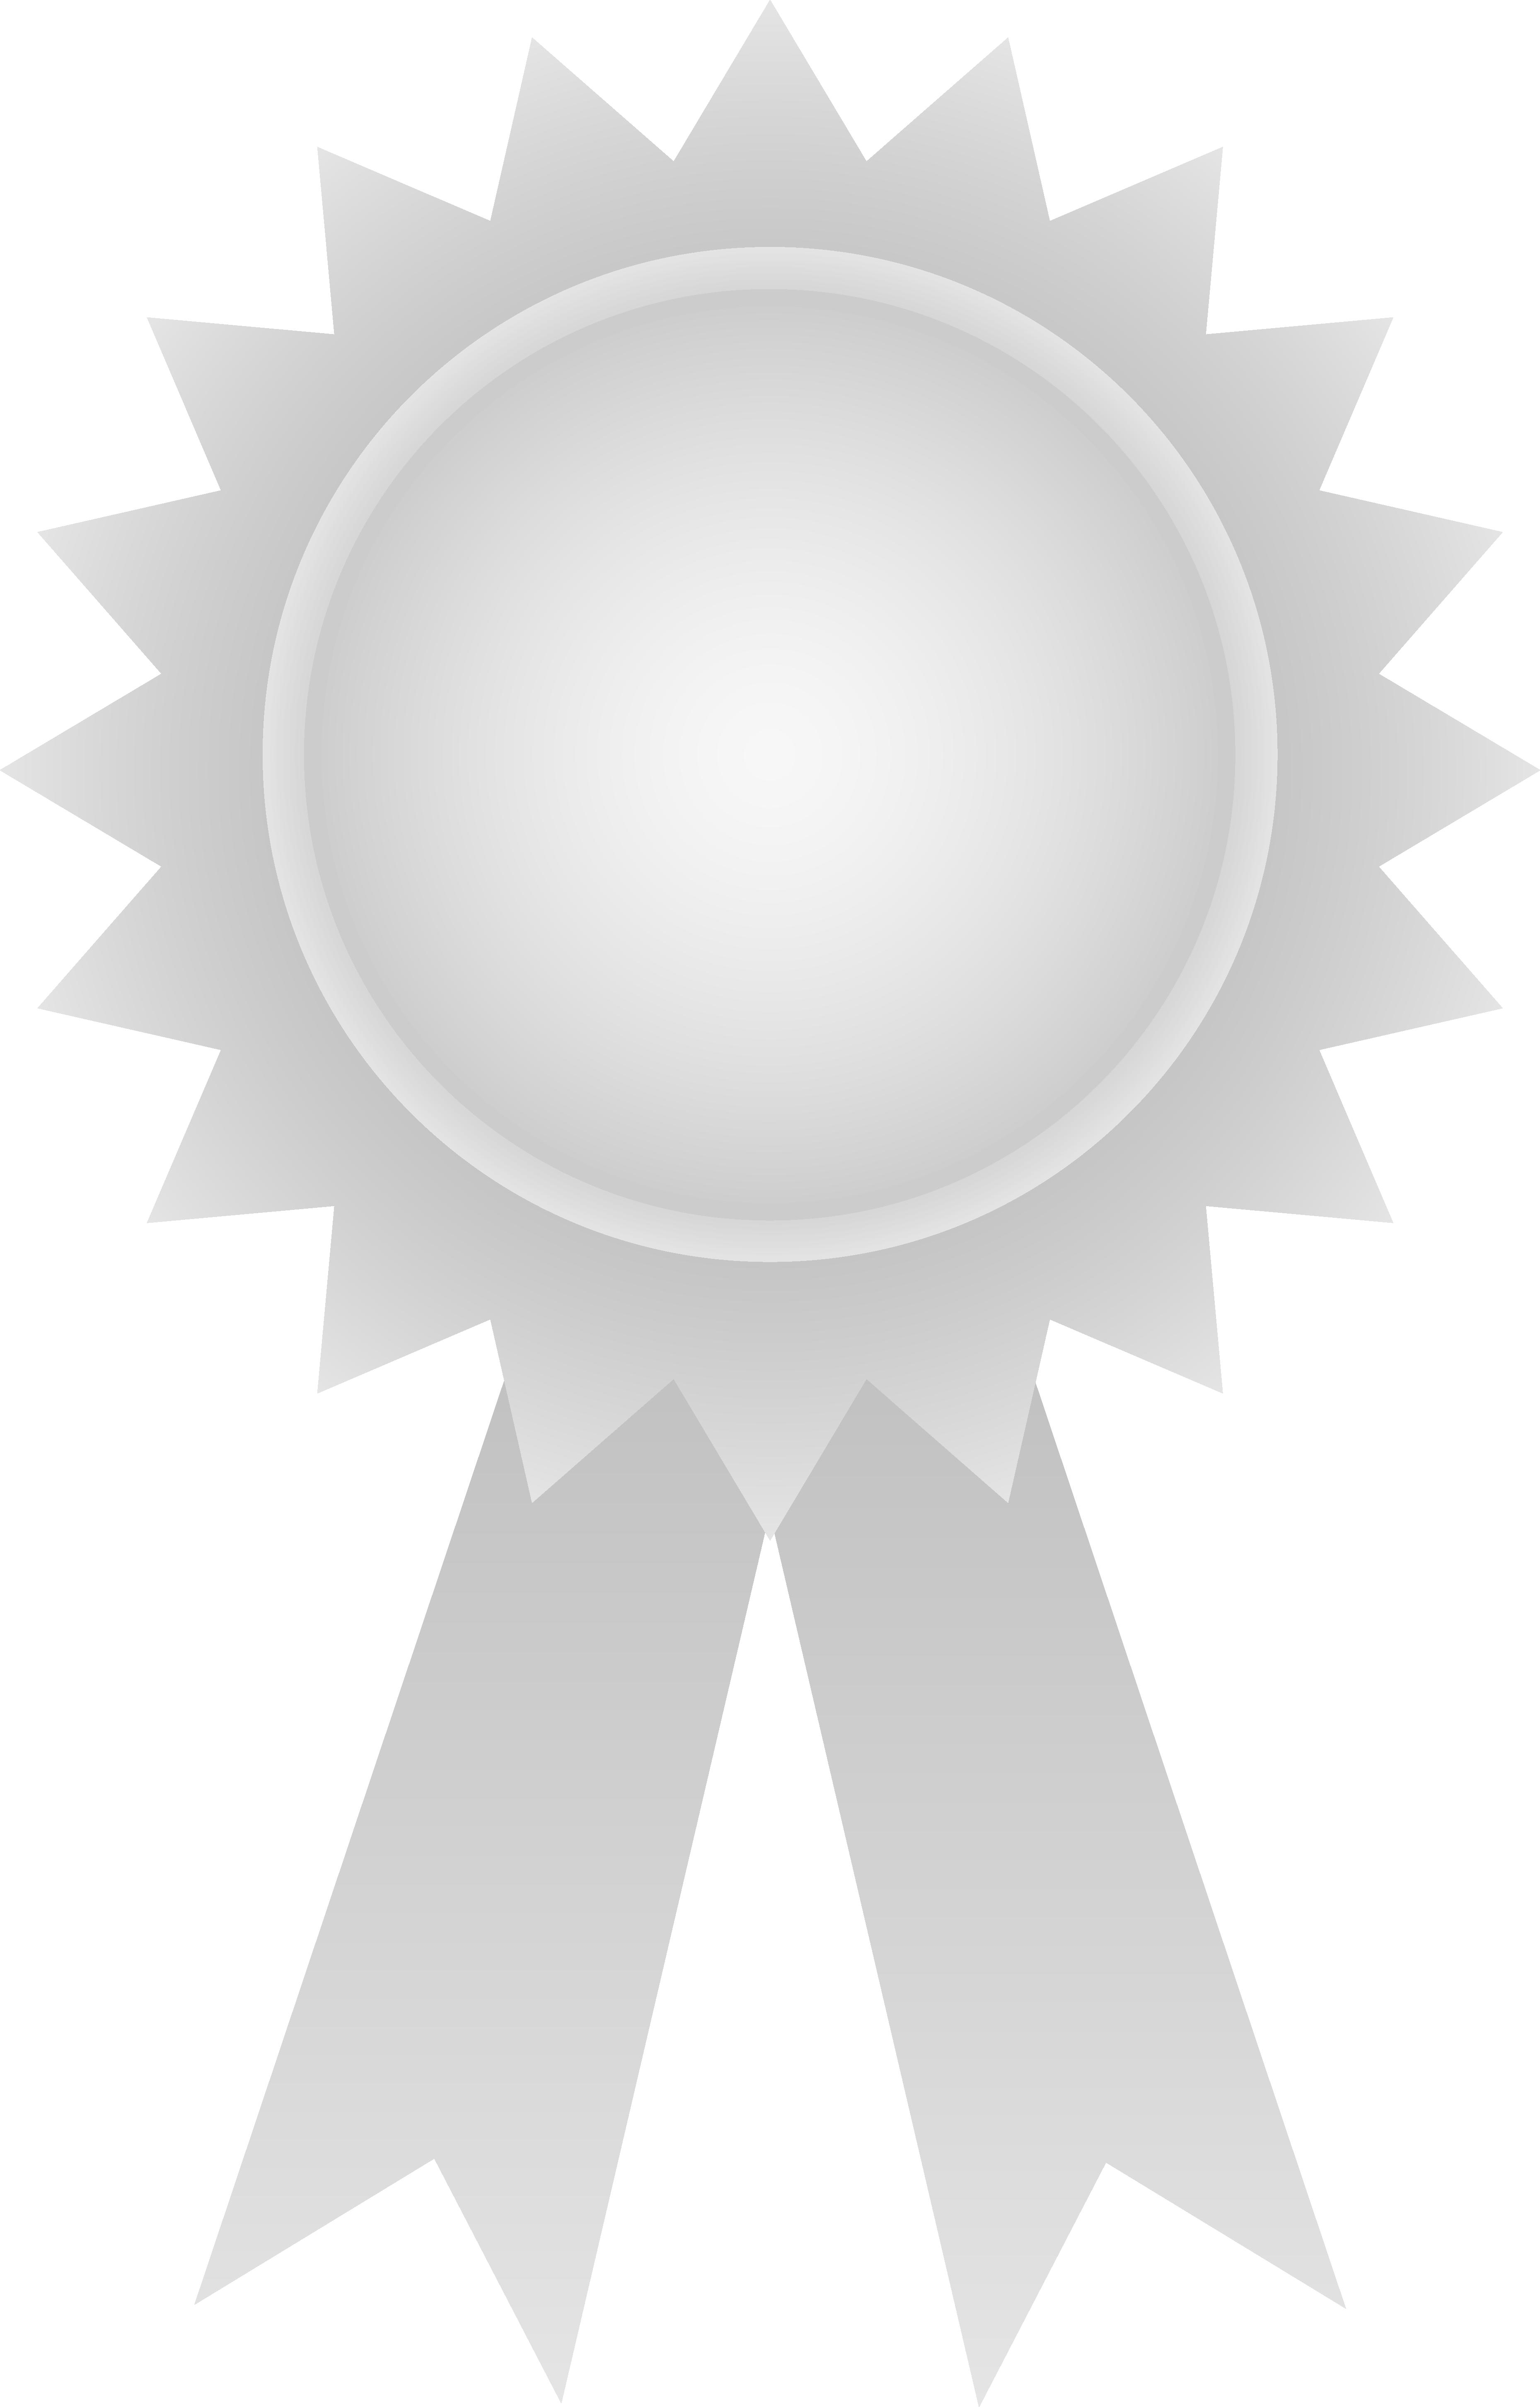 Clipart circle ribbon. Silver award free clip